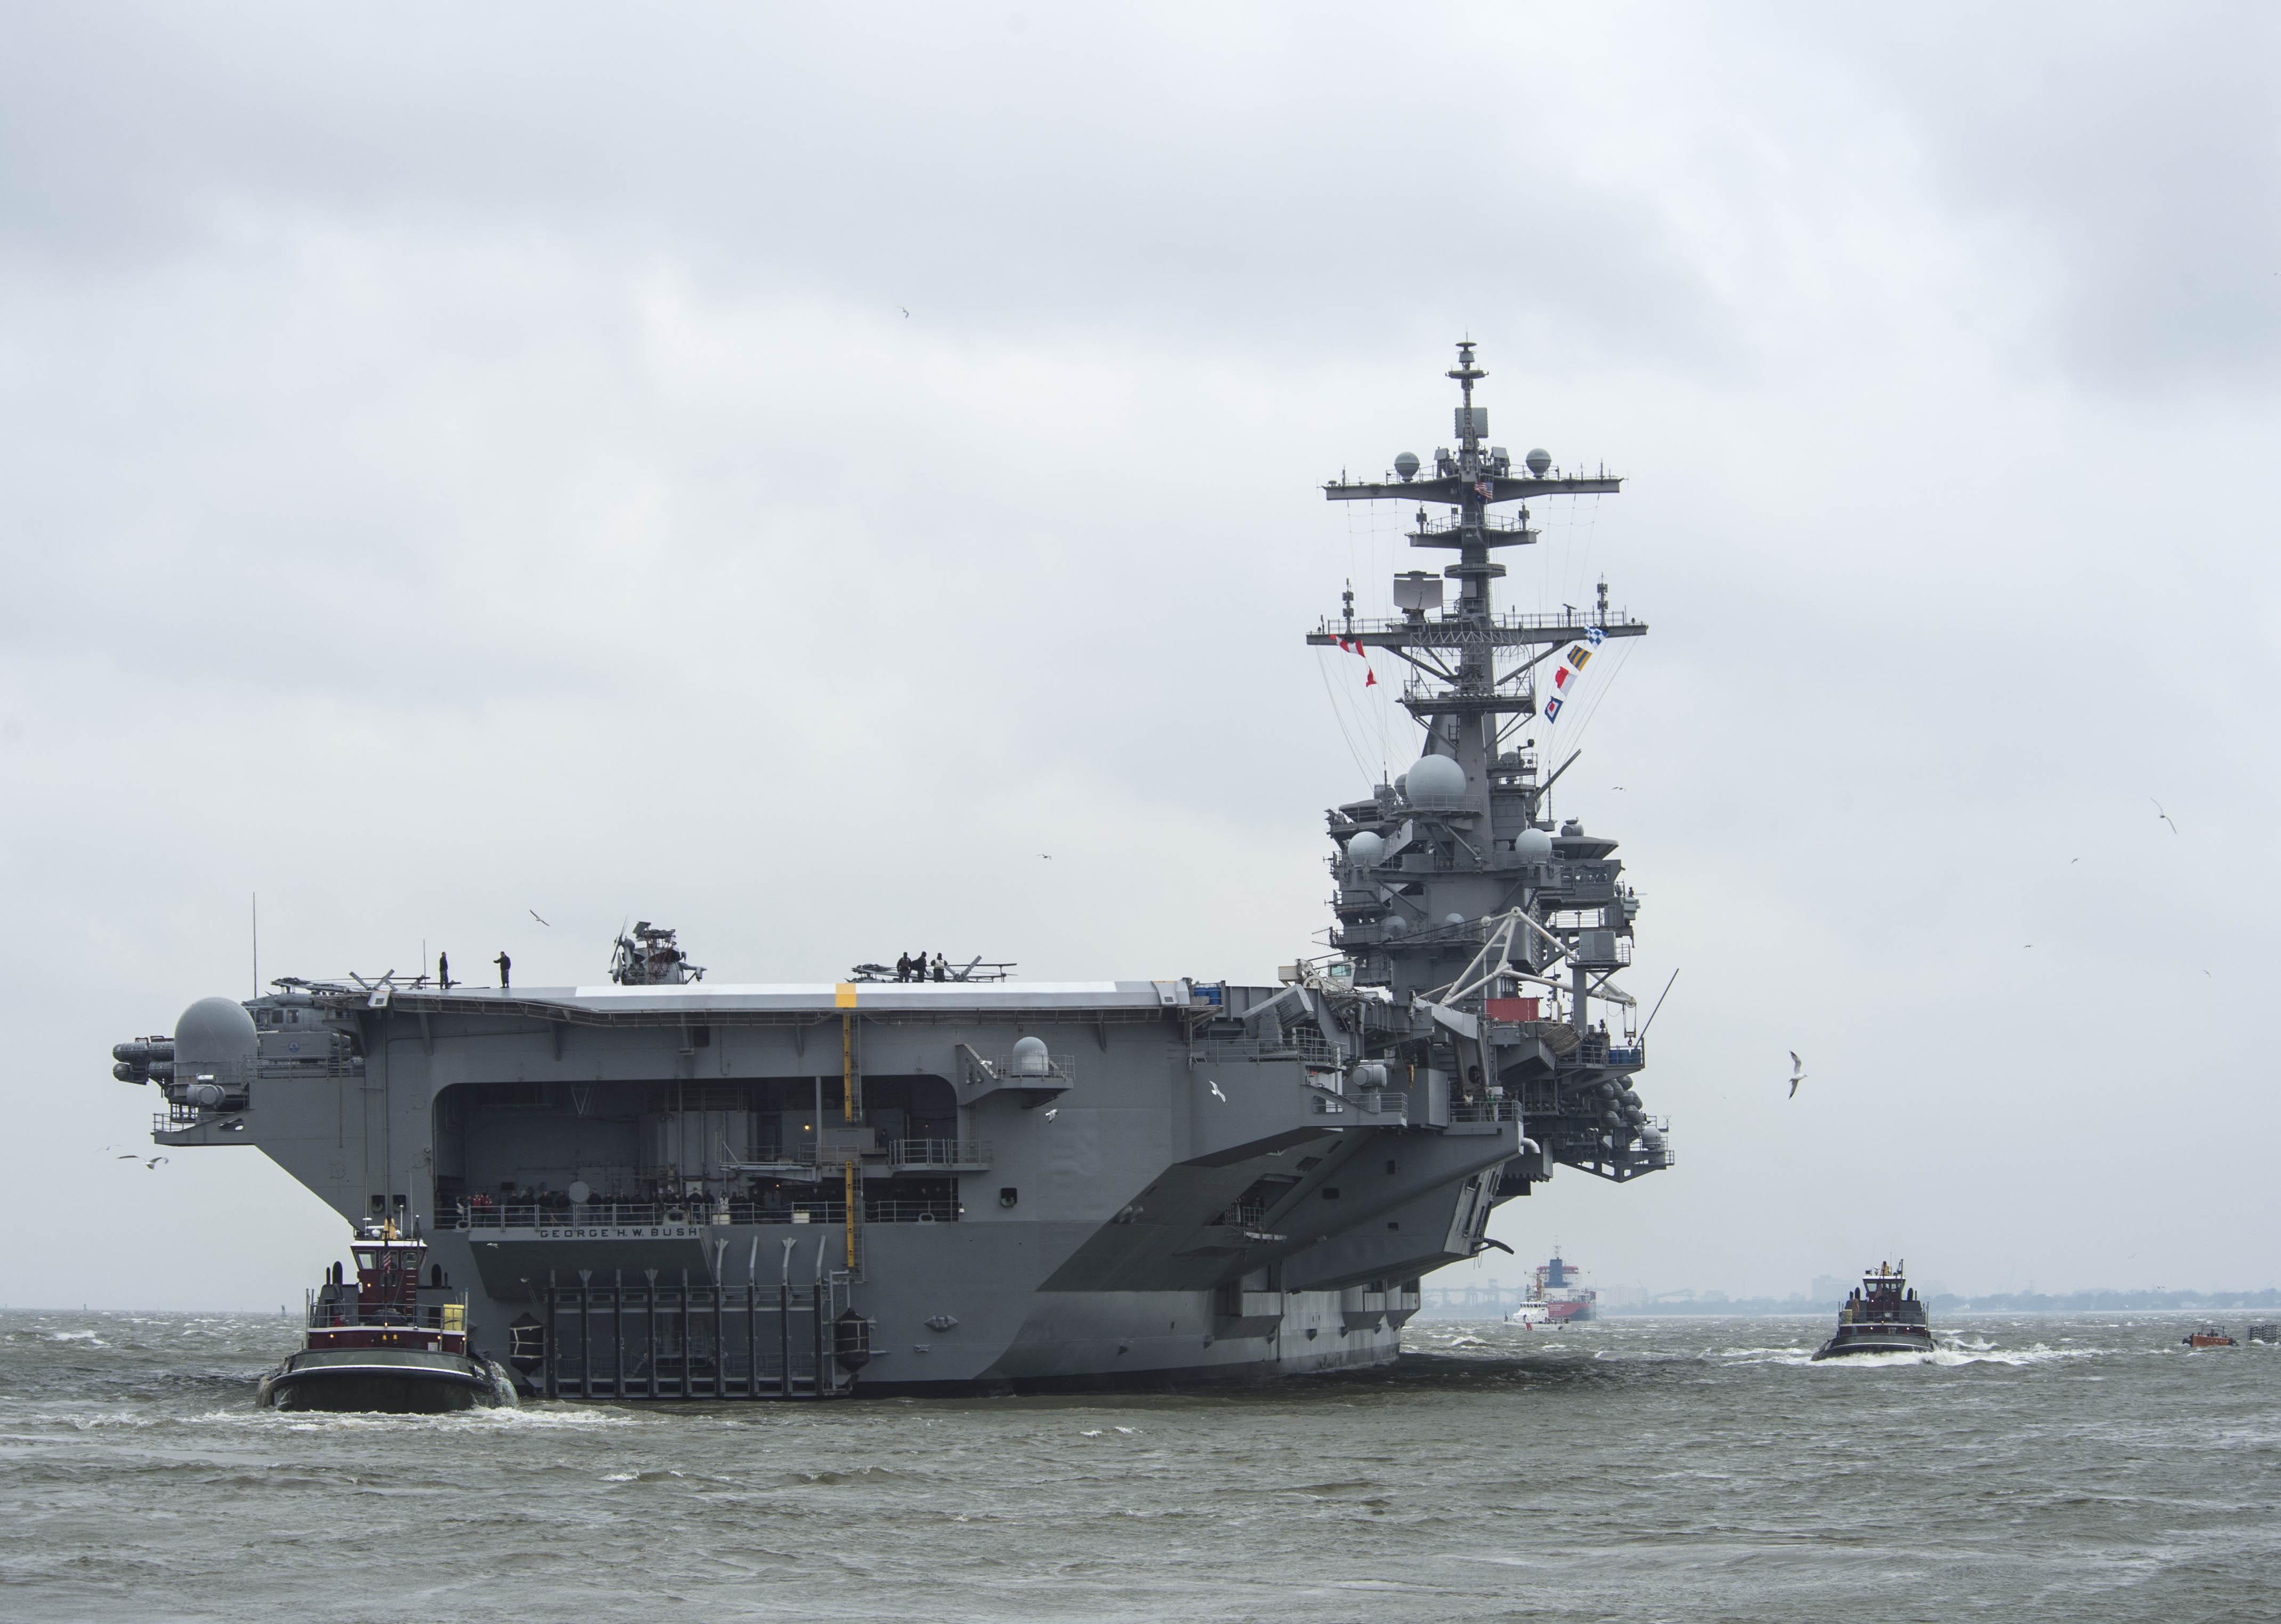 USS GEORGE H.W. BUSH CVN-77 Auslaufen Norfolk am 15.02.2014 Bild: U.S. Navy